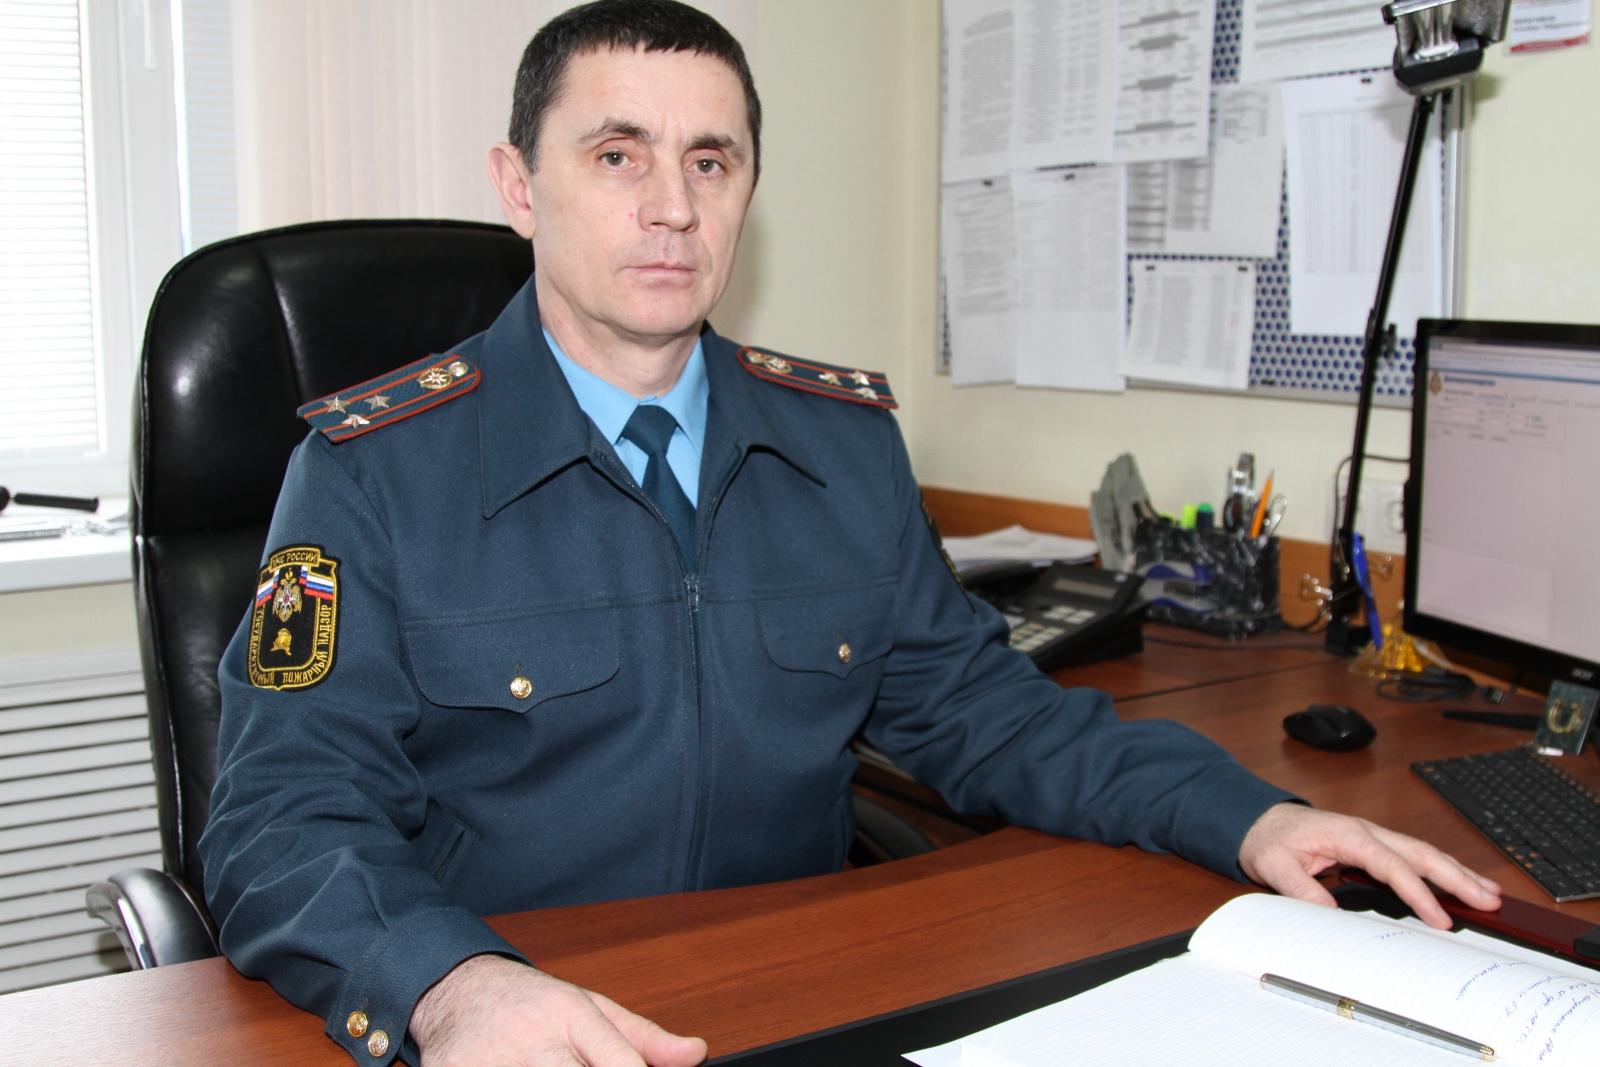 О подготовке к летней оздоровительной кампании рассказал заместитель начальника УНД и ПР полковник внутренней службы  А.А.Ибрагимов